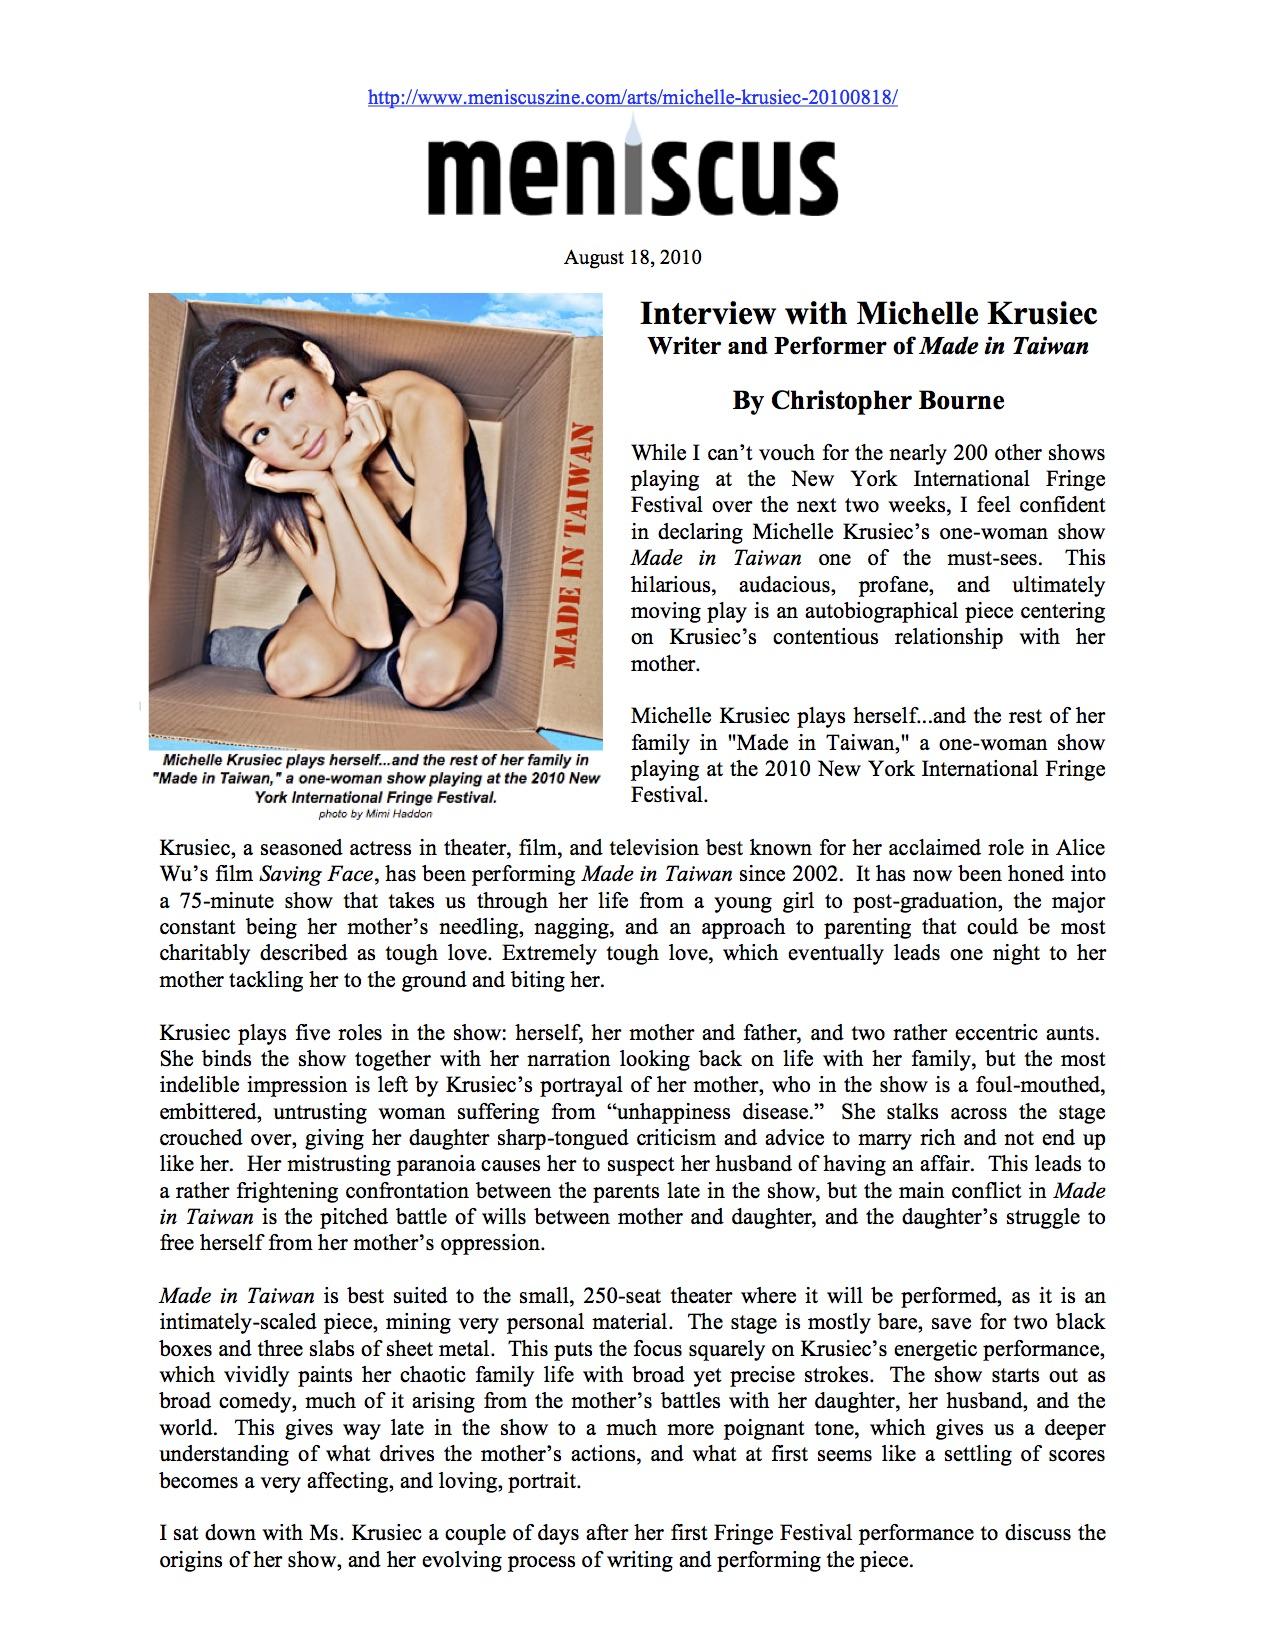 MENISCUS MAGAZINE 8-18-10-page01